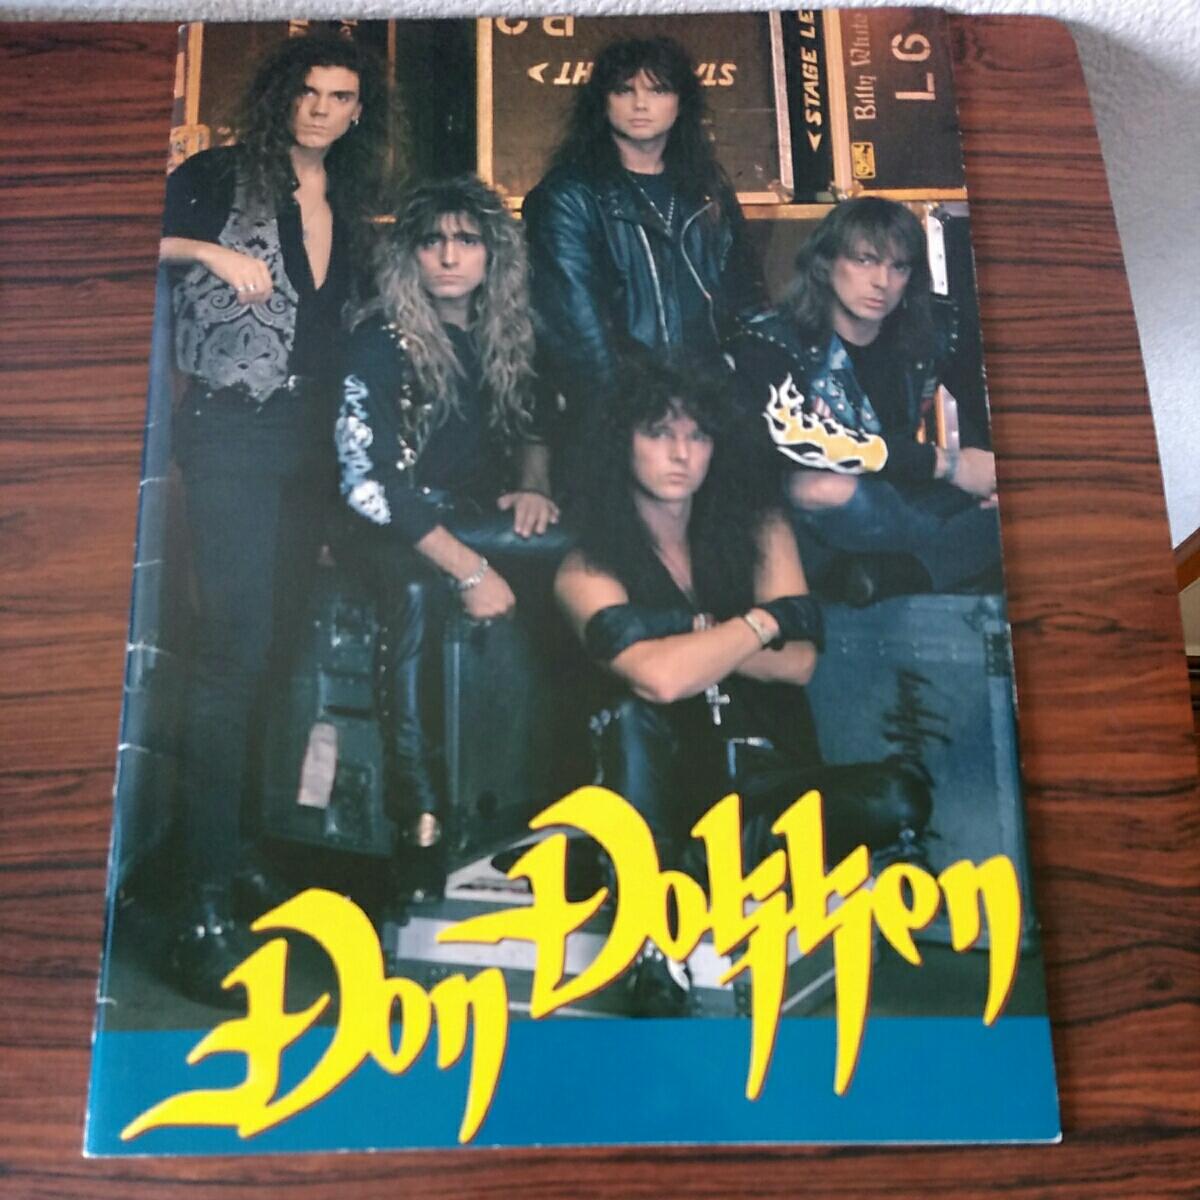 ドン・ドッケン/Don Dokken JAPAN TOUR 1991 来日公演パンフレット